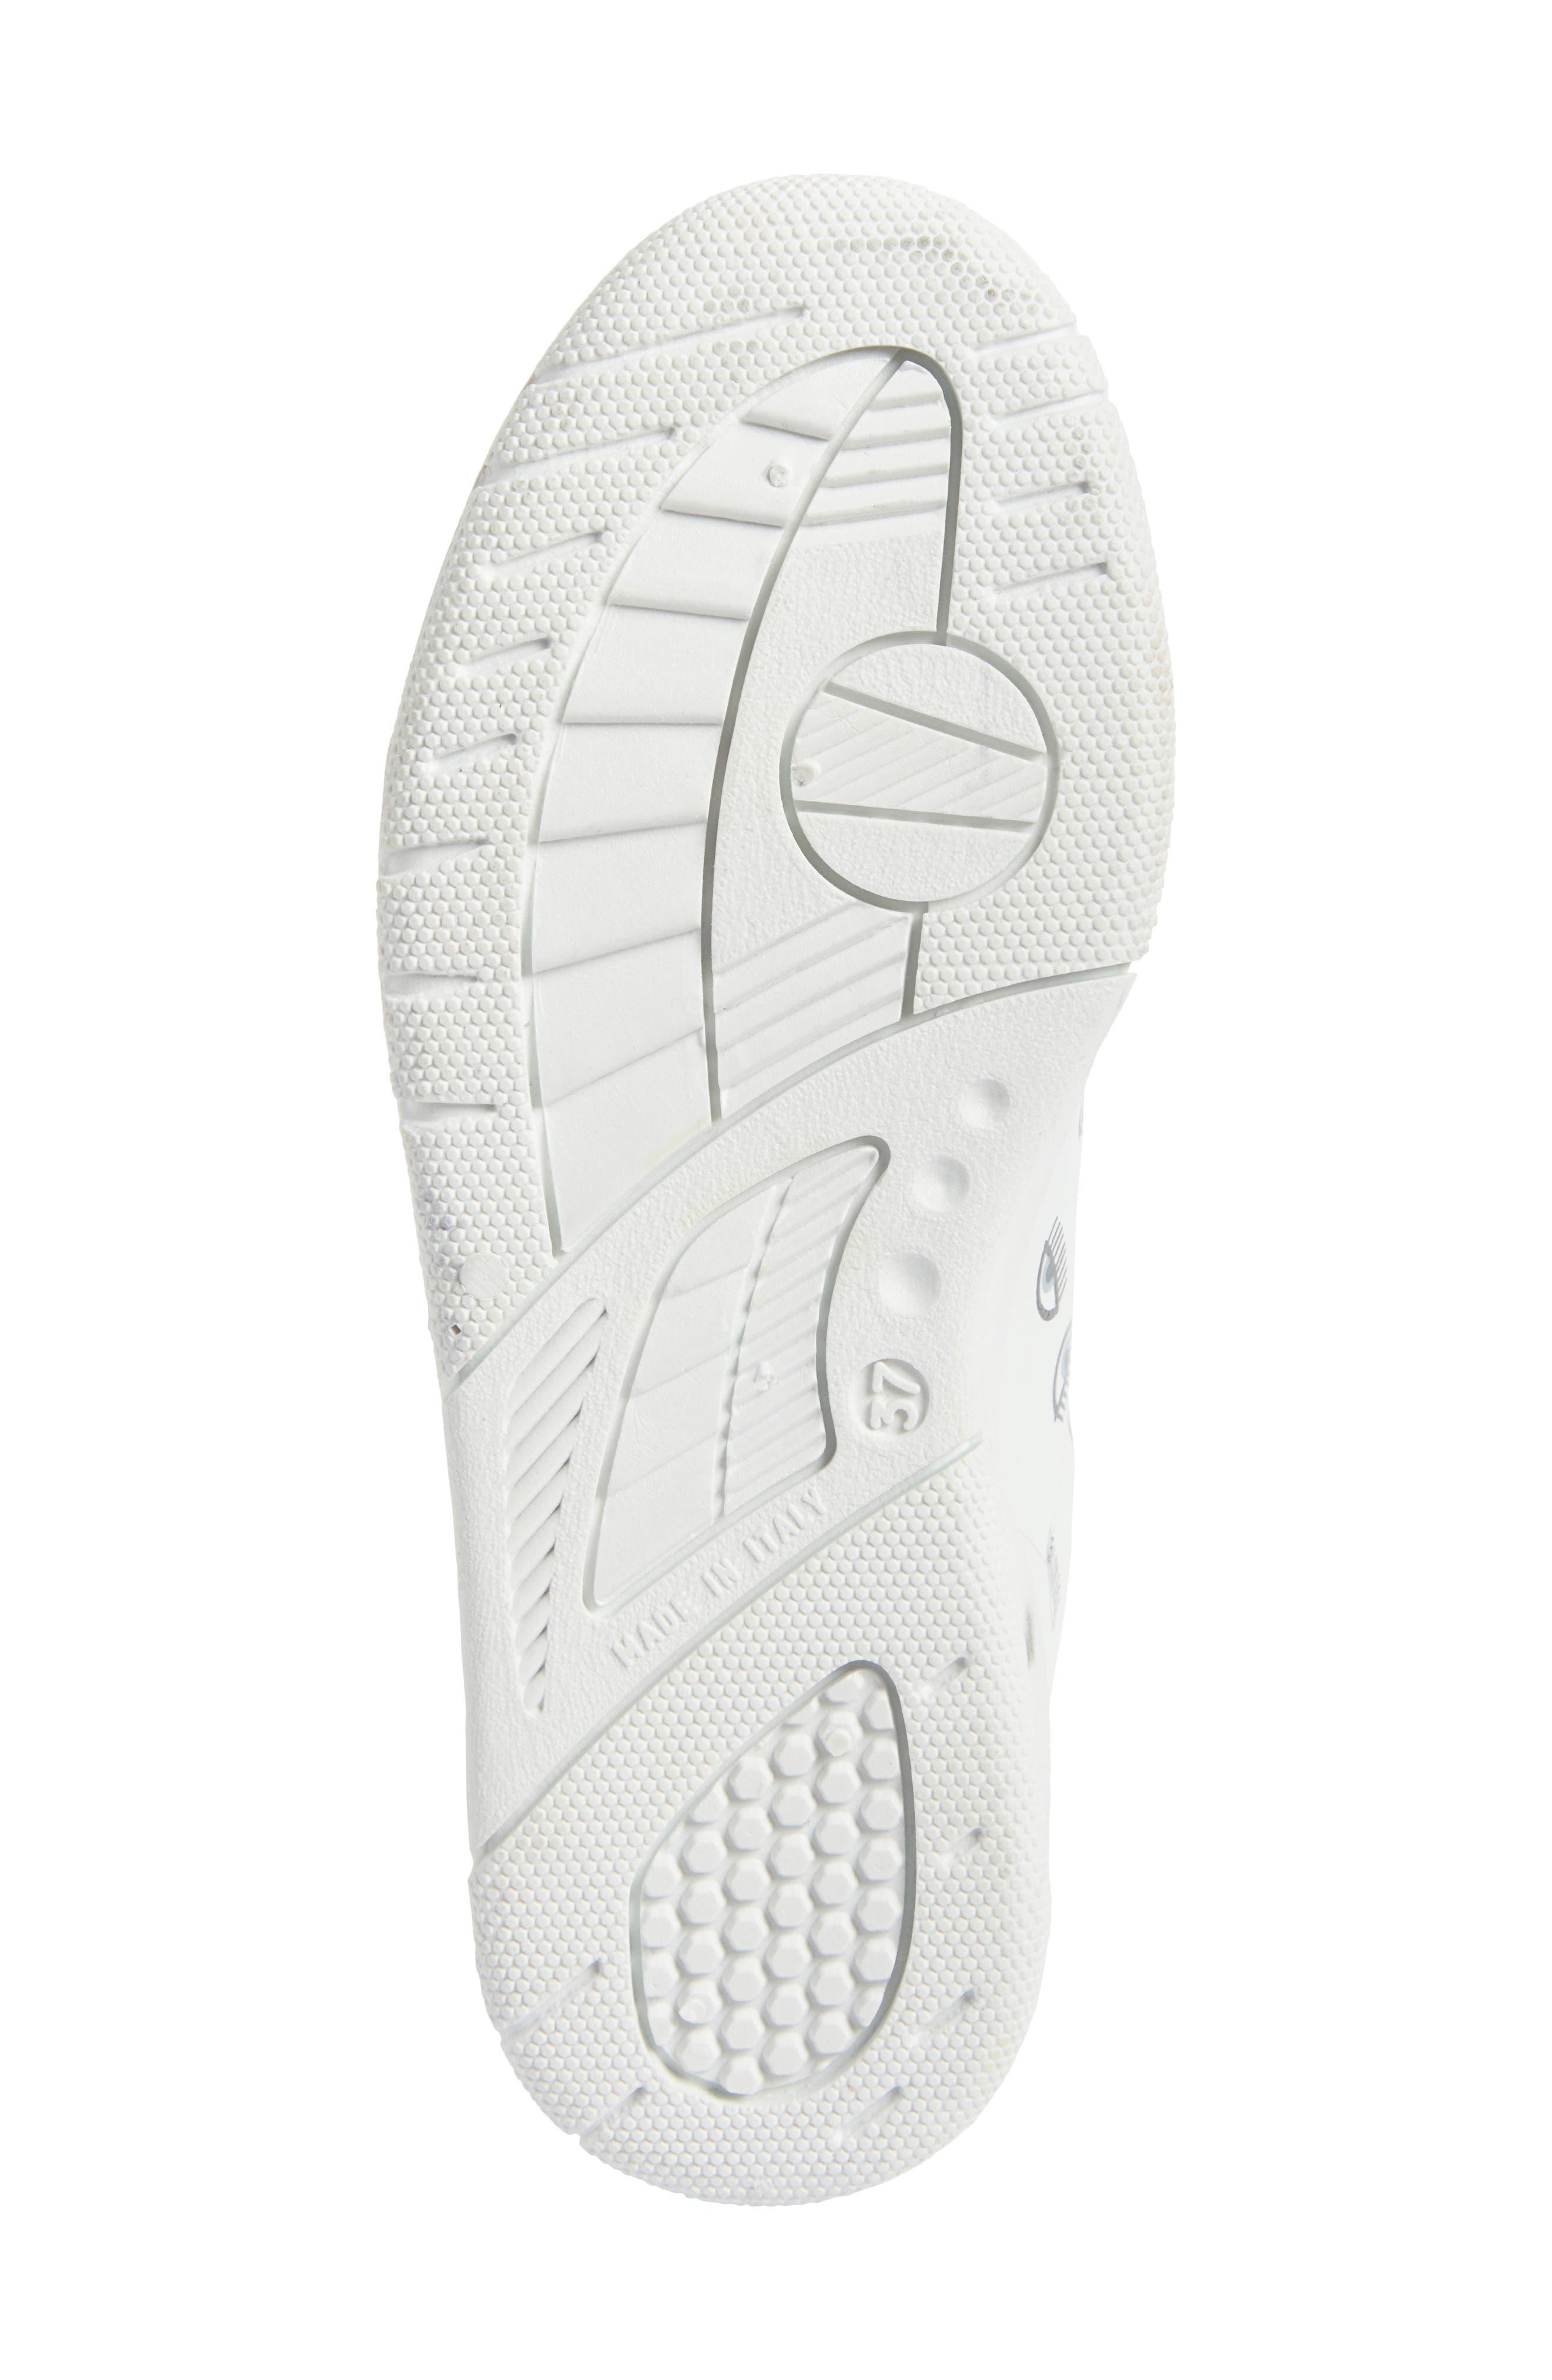 Logo Roger Eyelash Sneaker,                             Alternate thumbnail 6, color,                             White